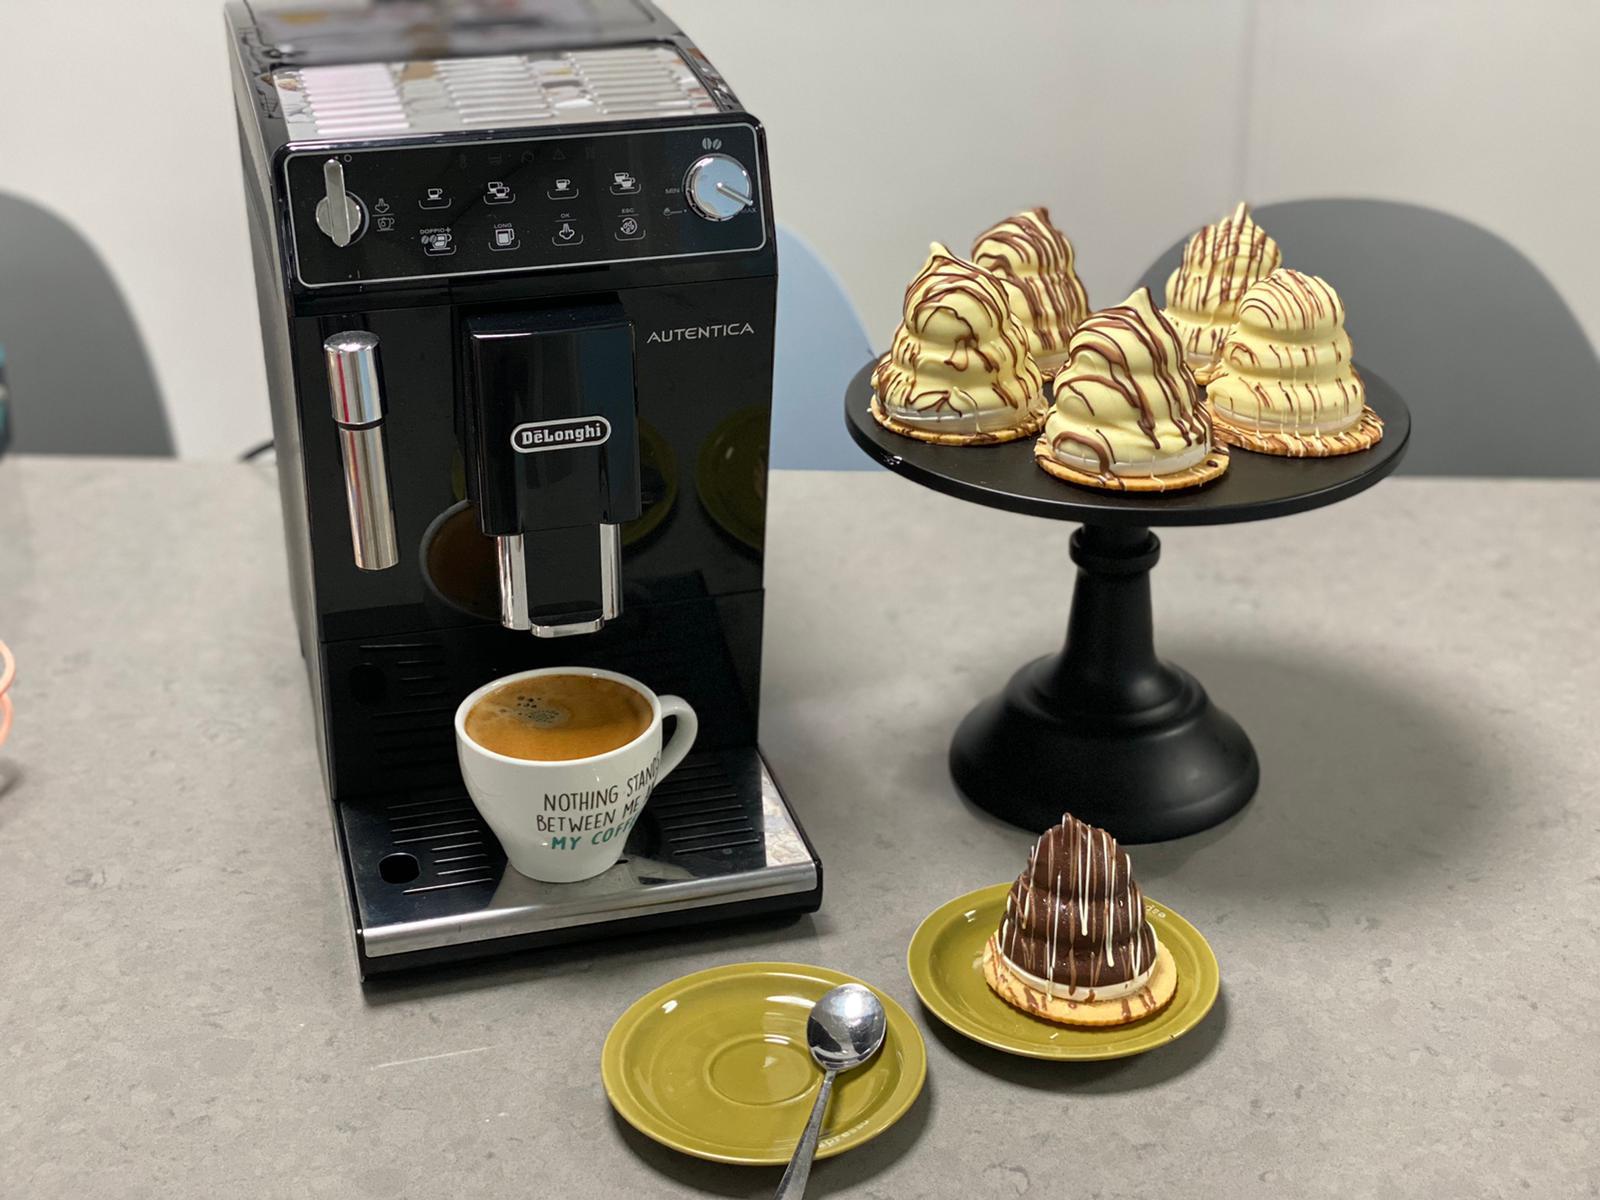 קרמבו קפה שוקולד לבן. צילום: תומר אומנסקי